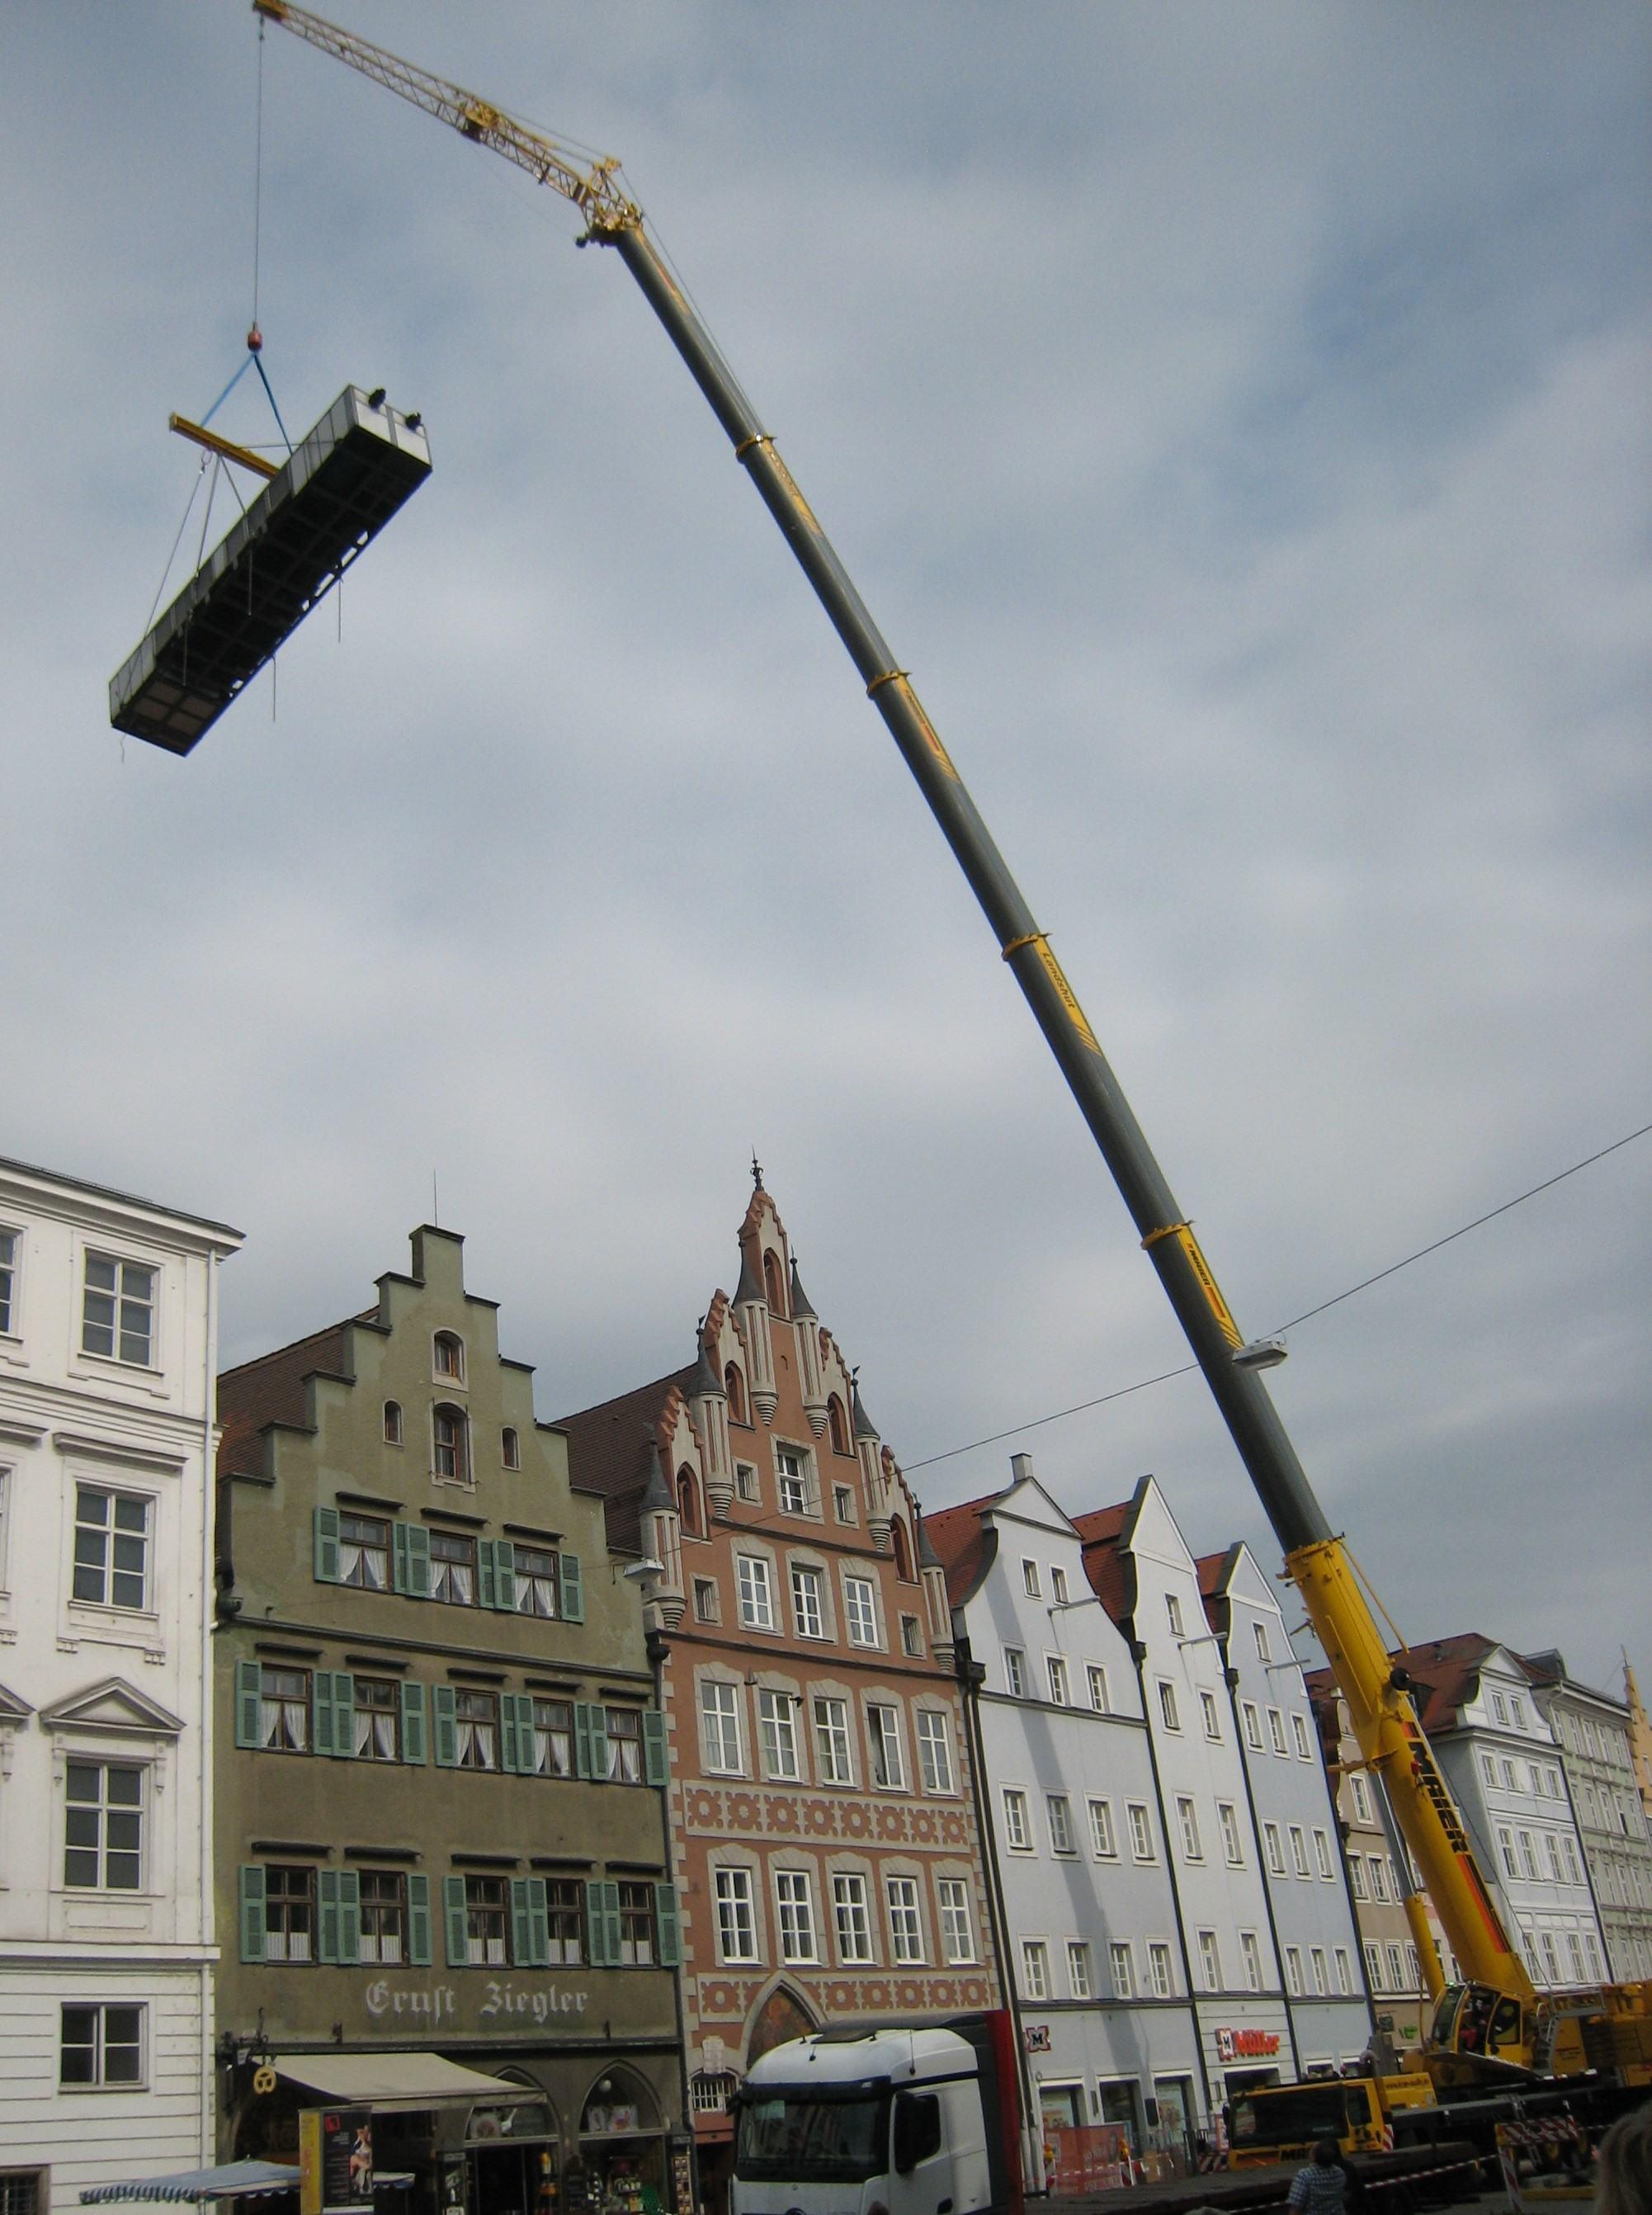 Klimanalgentausch mit Autokran in Landshut Kran-Maier